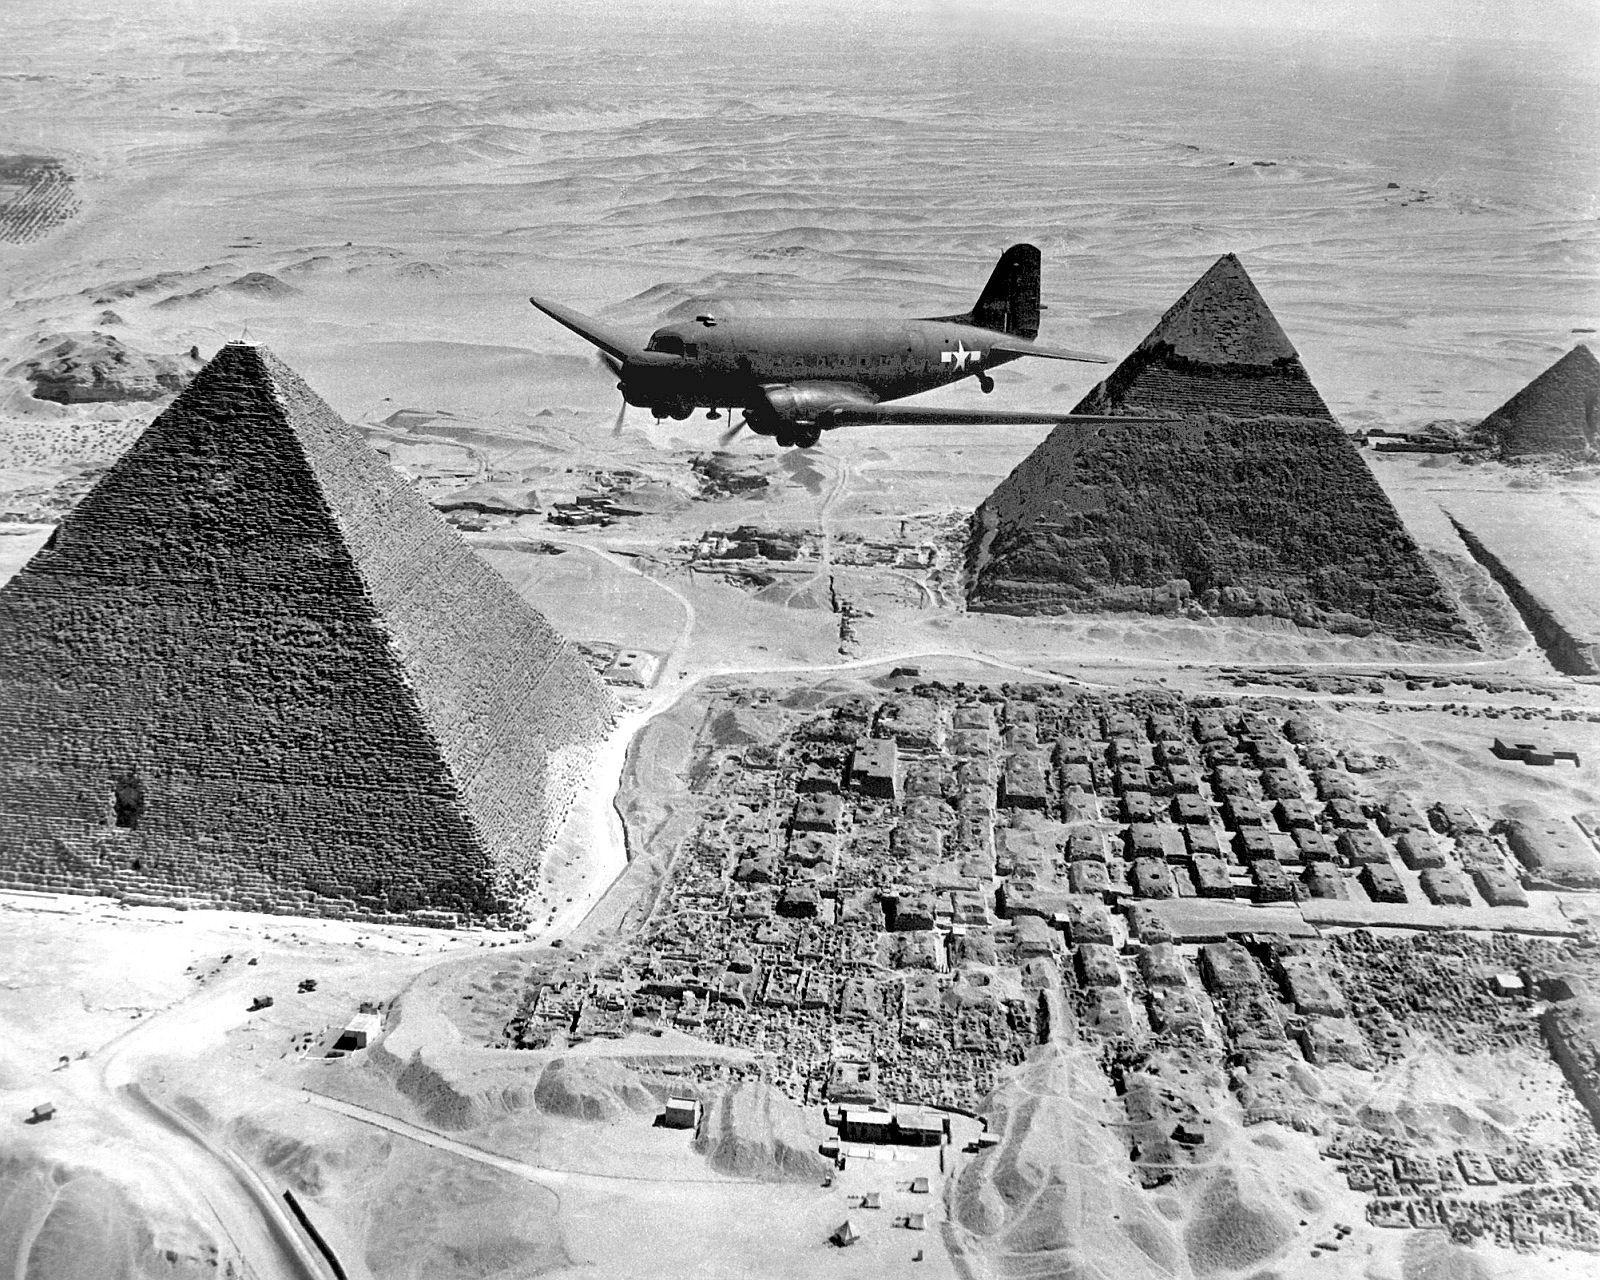 Piramidy egipskie z lotu ptaka. Na zdjęciu amerykański samolot c 47